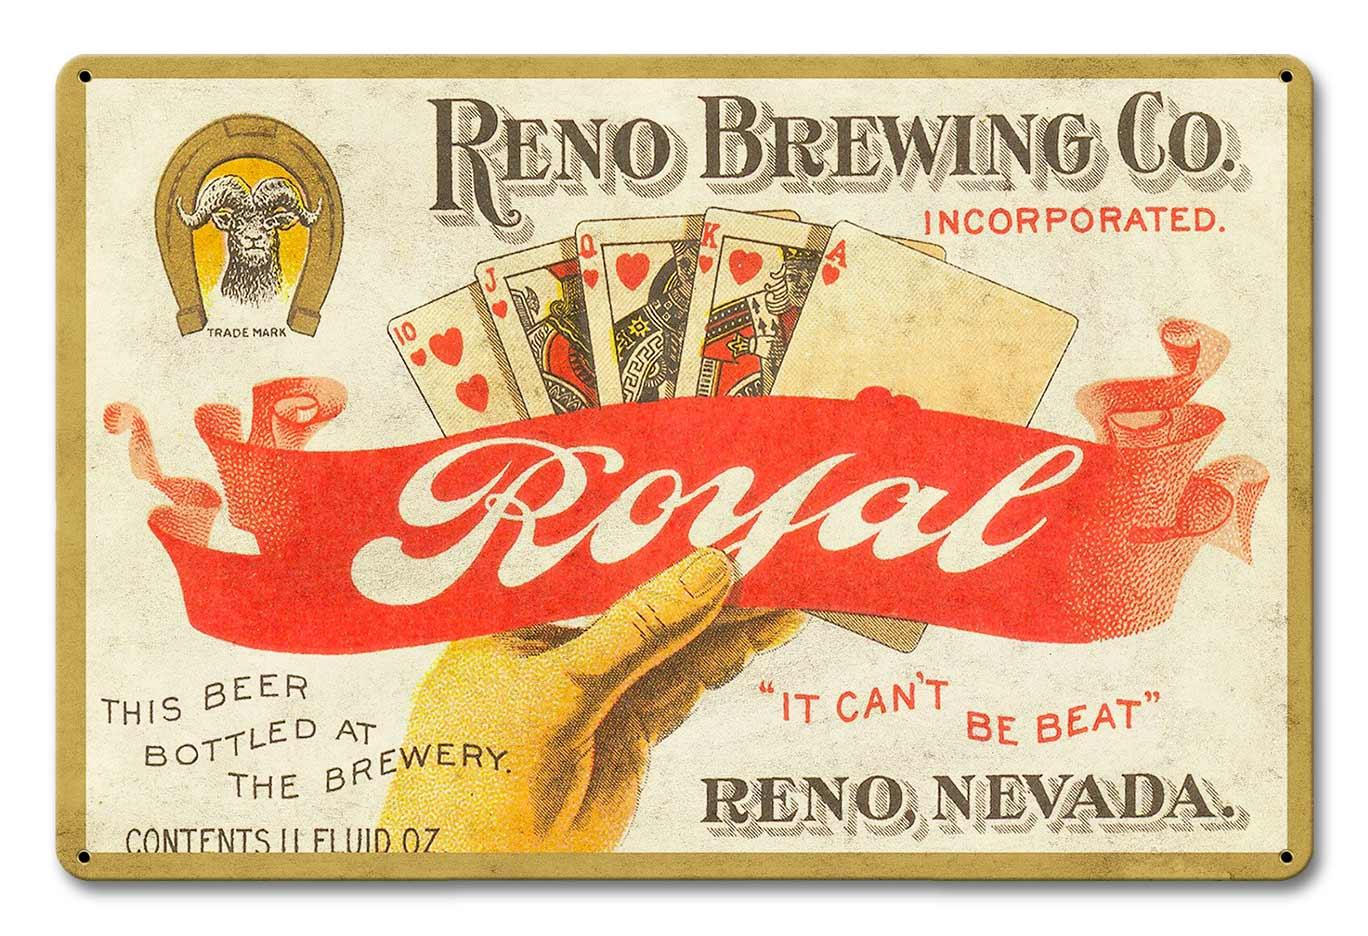 Reno Brewing Co Royal Beer